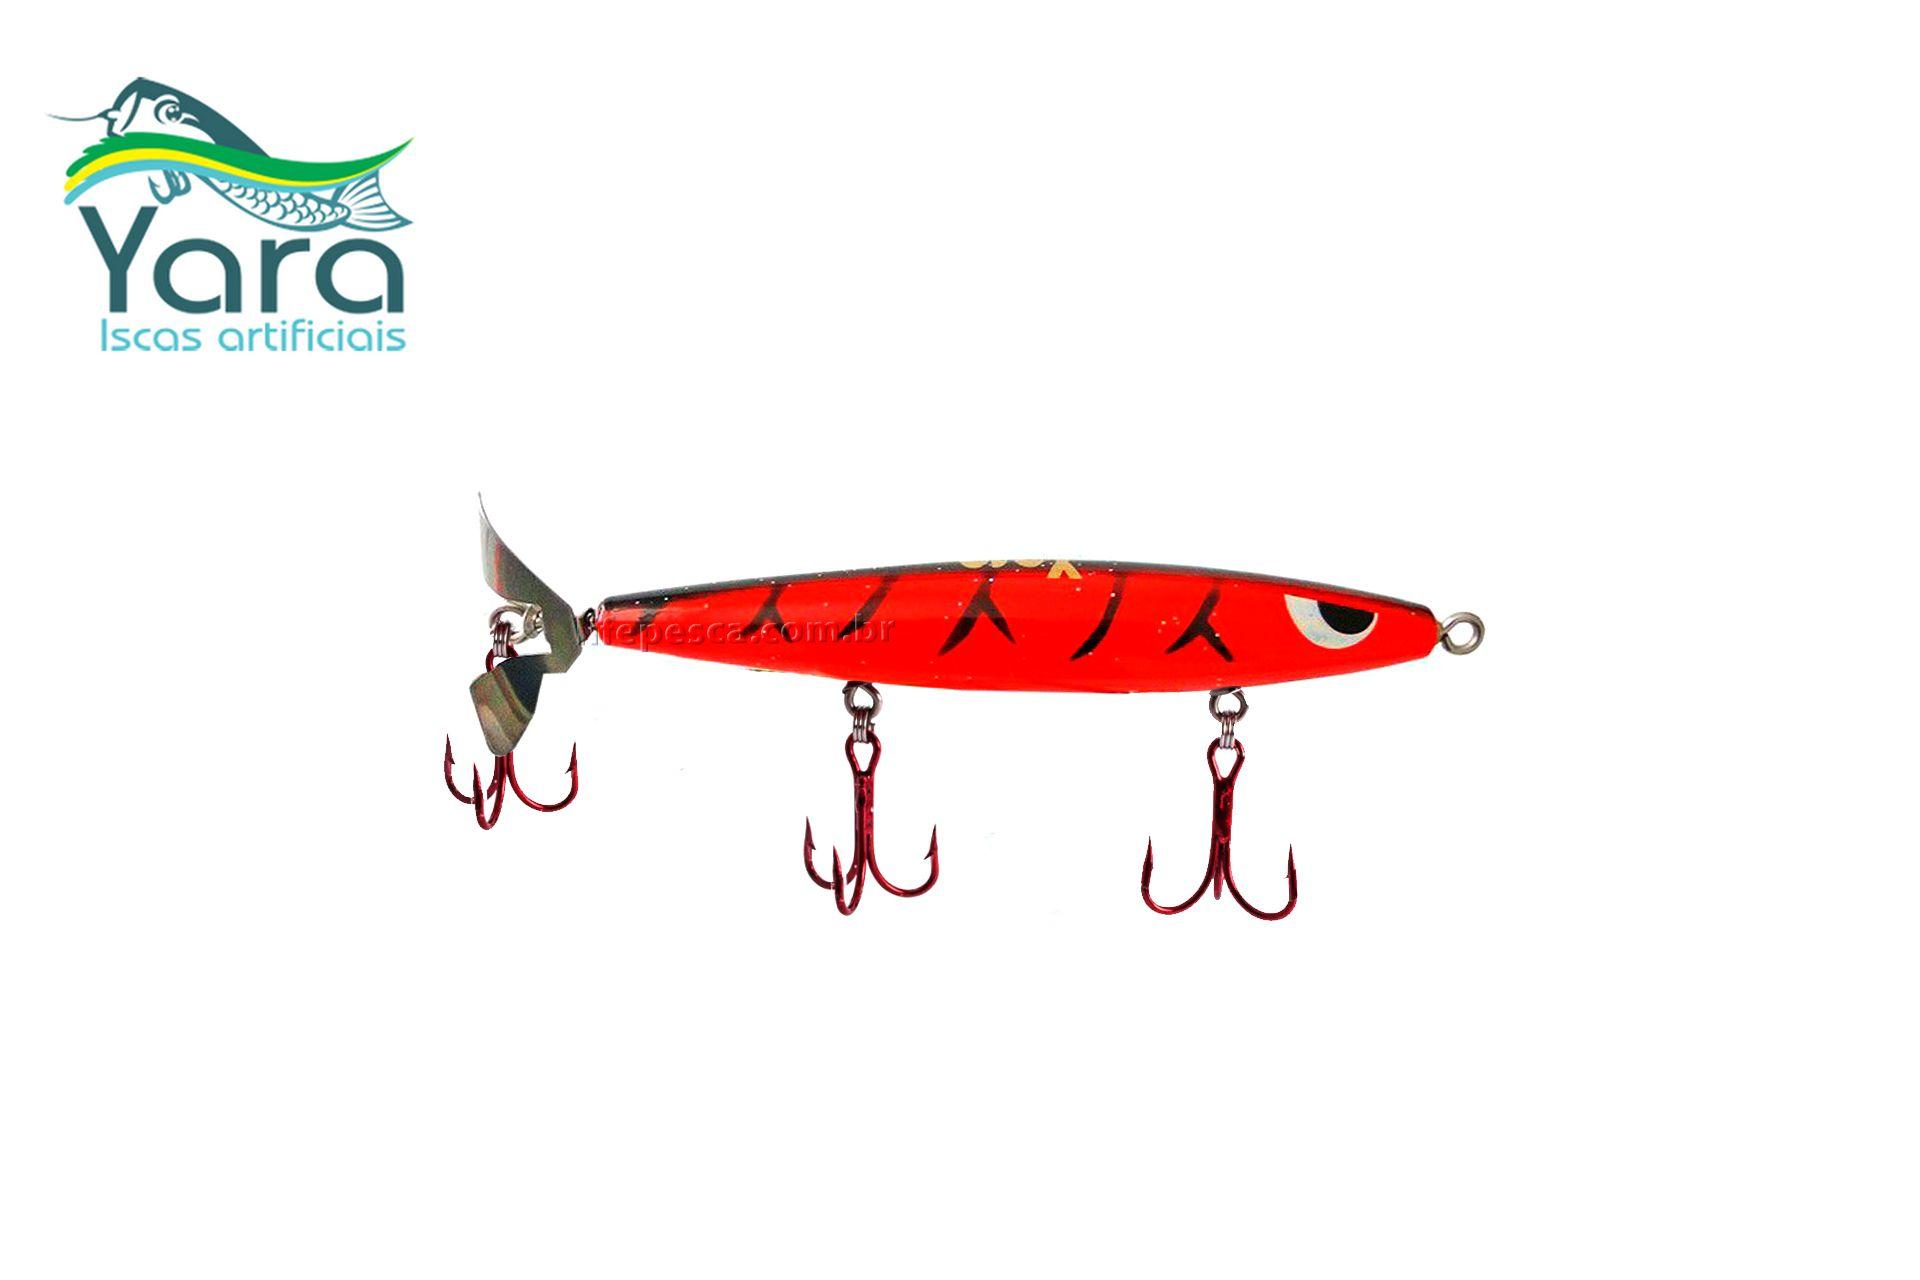 Isca Artificial Yara Devassa 16,5cm (45g) - Várias Cores  - Life Pesca - Sua loja de Pesca, Camping e Lazer